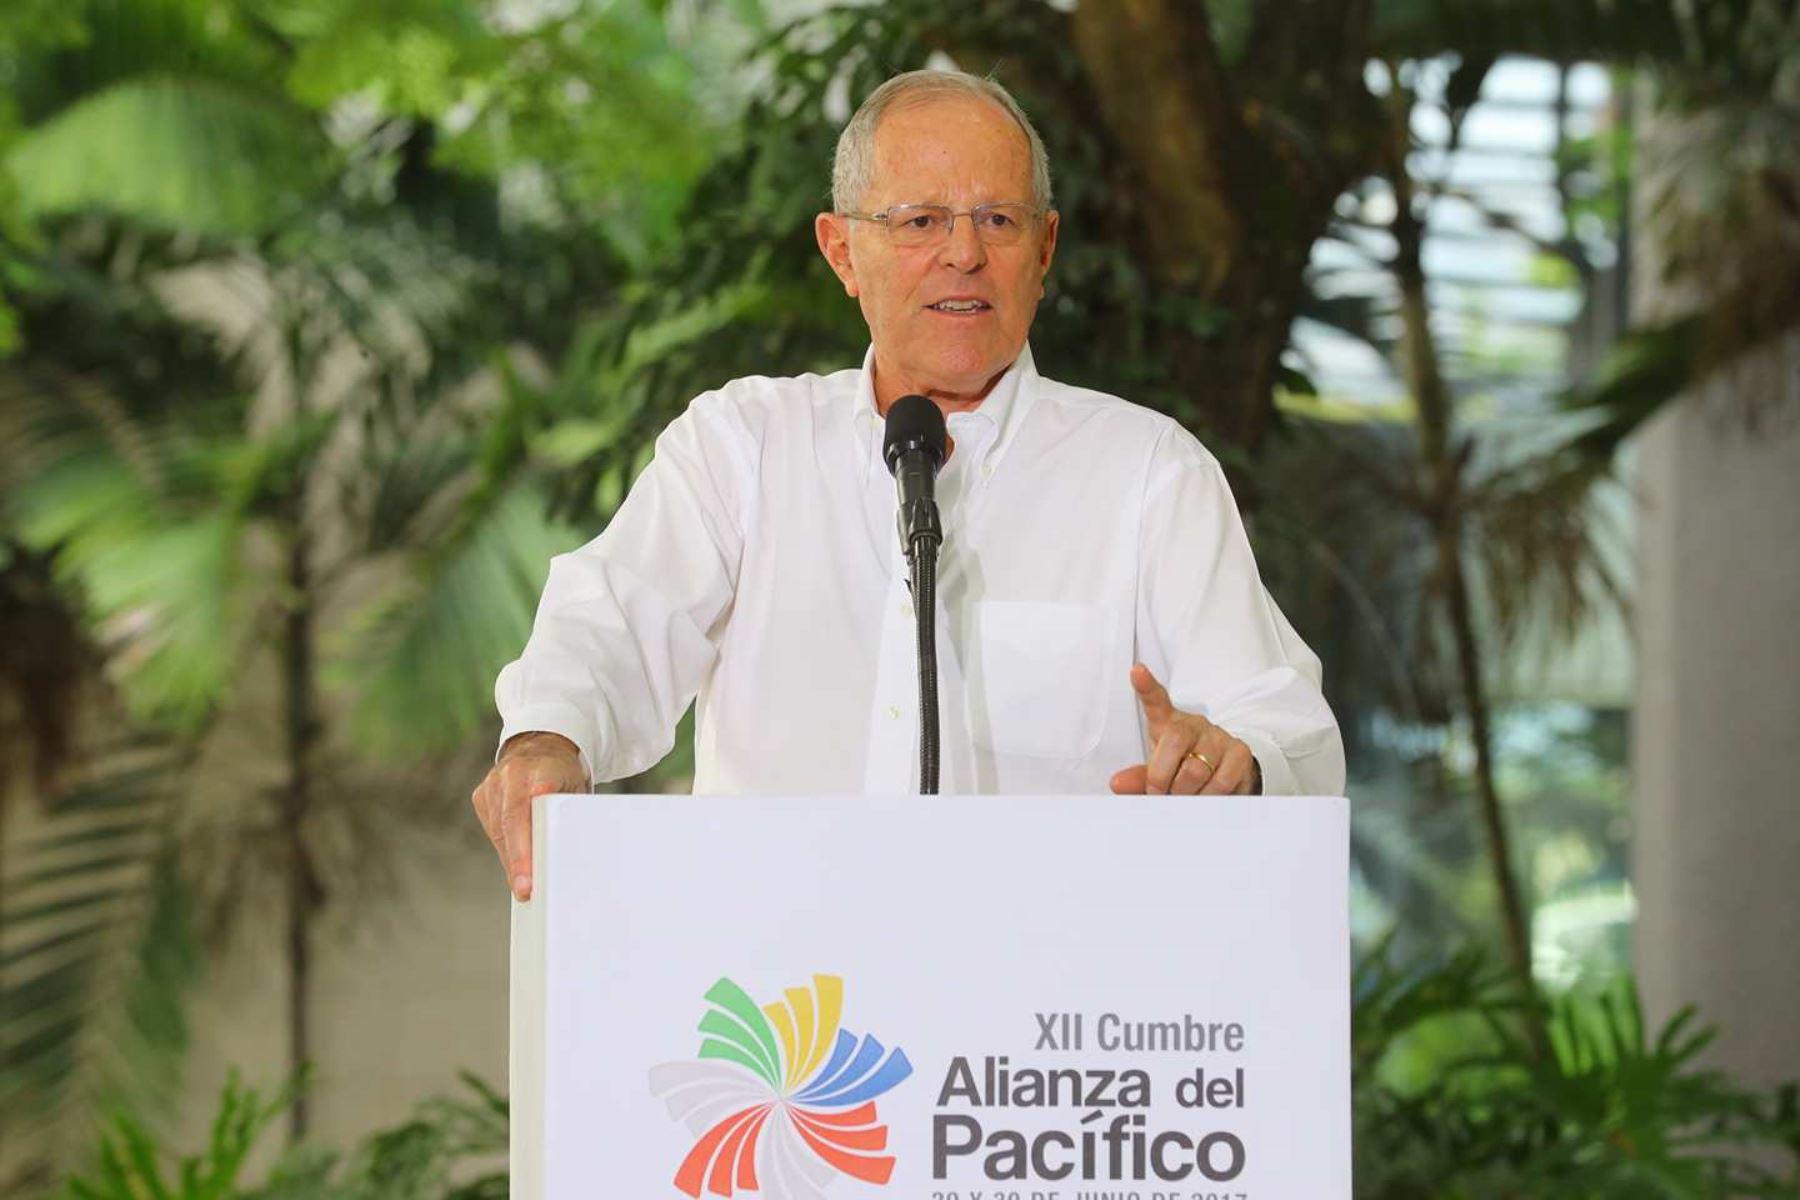 Jefes de Estado otorgan declaración conjunta al finalizar la XII Cumbre de la Alianza del Pacífico. Foto: ANDINA/ Prensa Presidencia